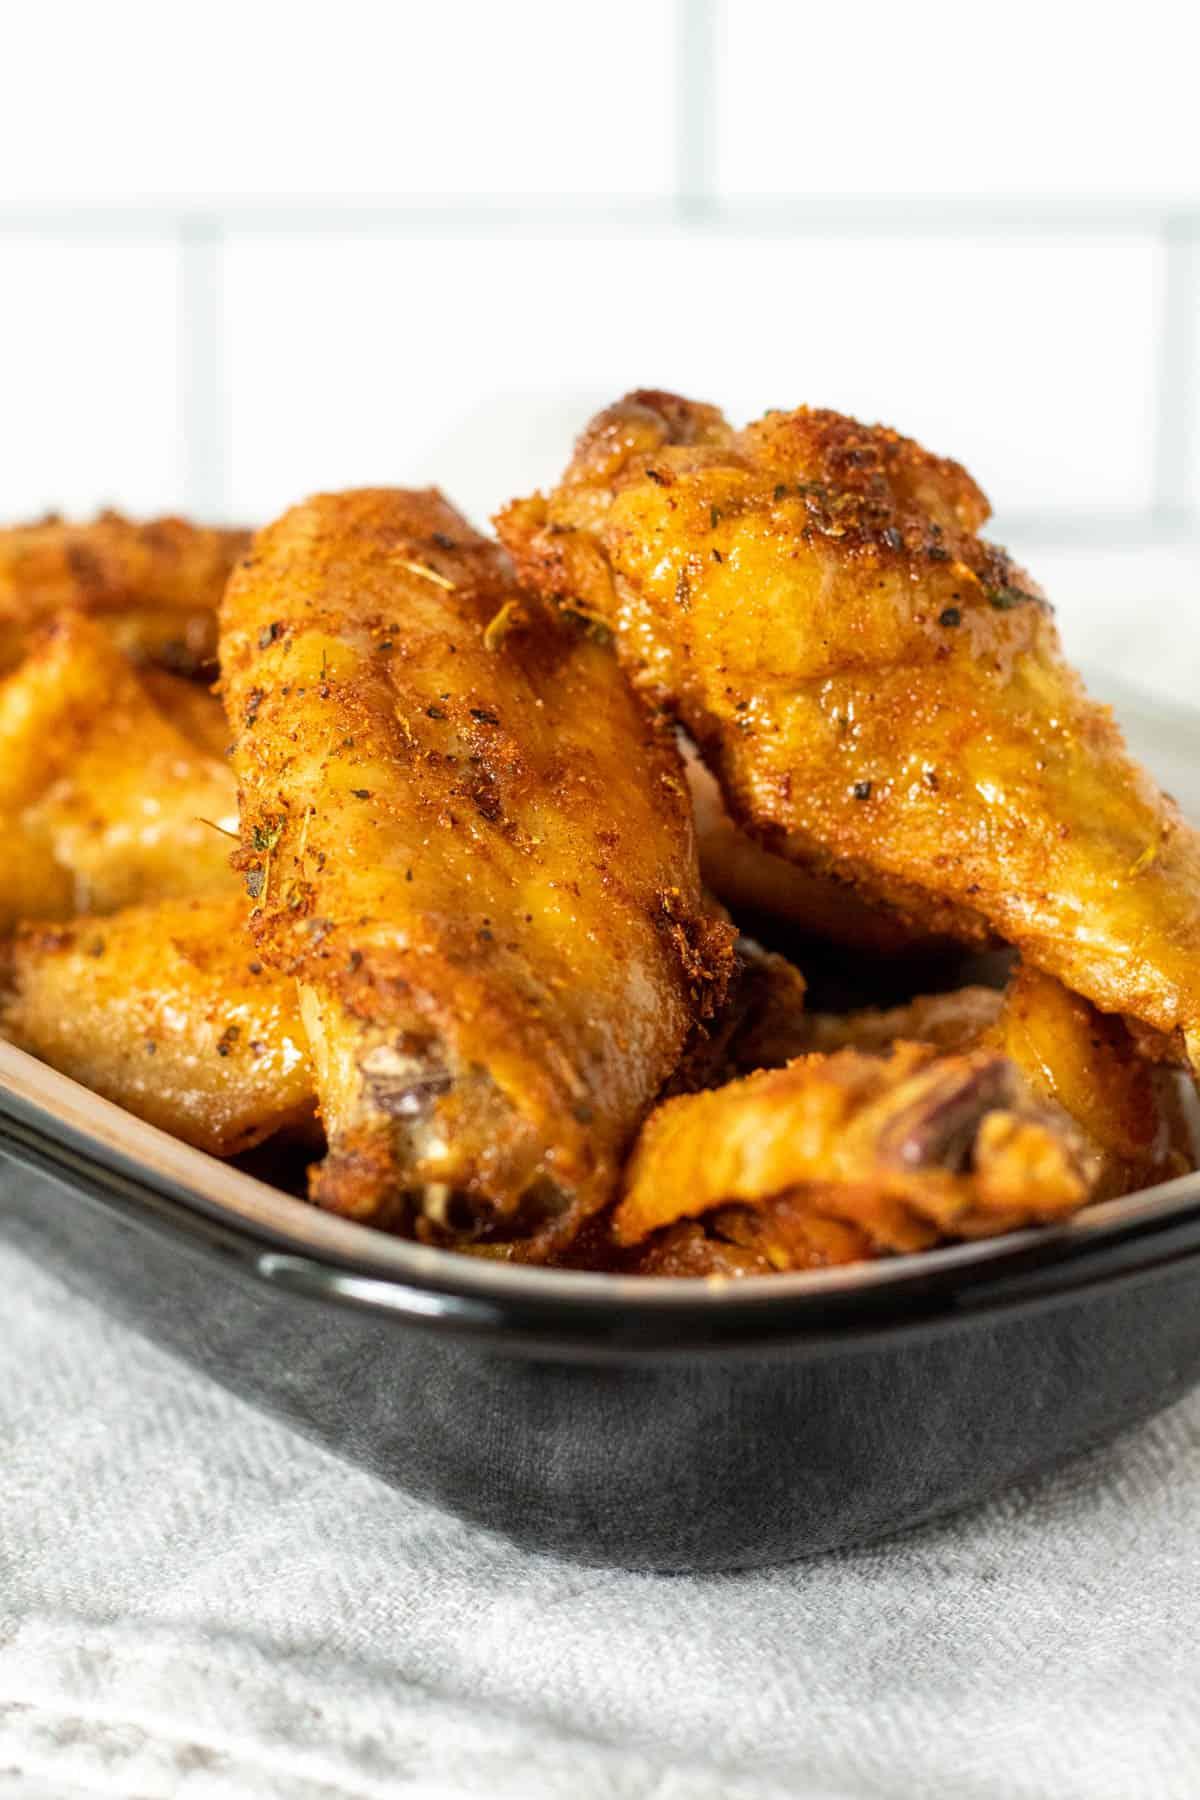 Pan of air fryer chicken wings.